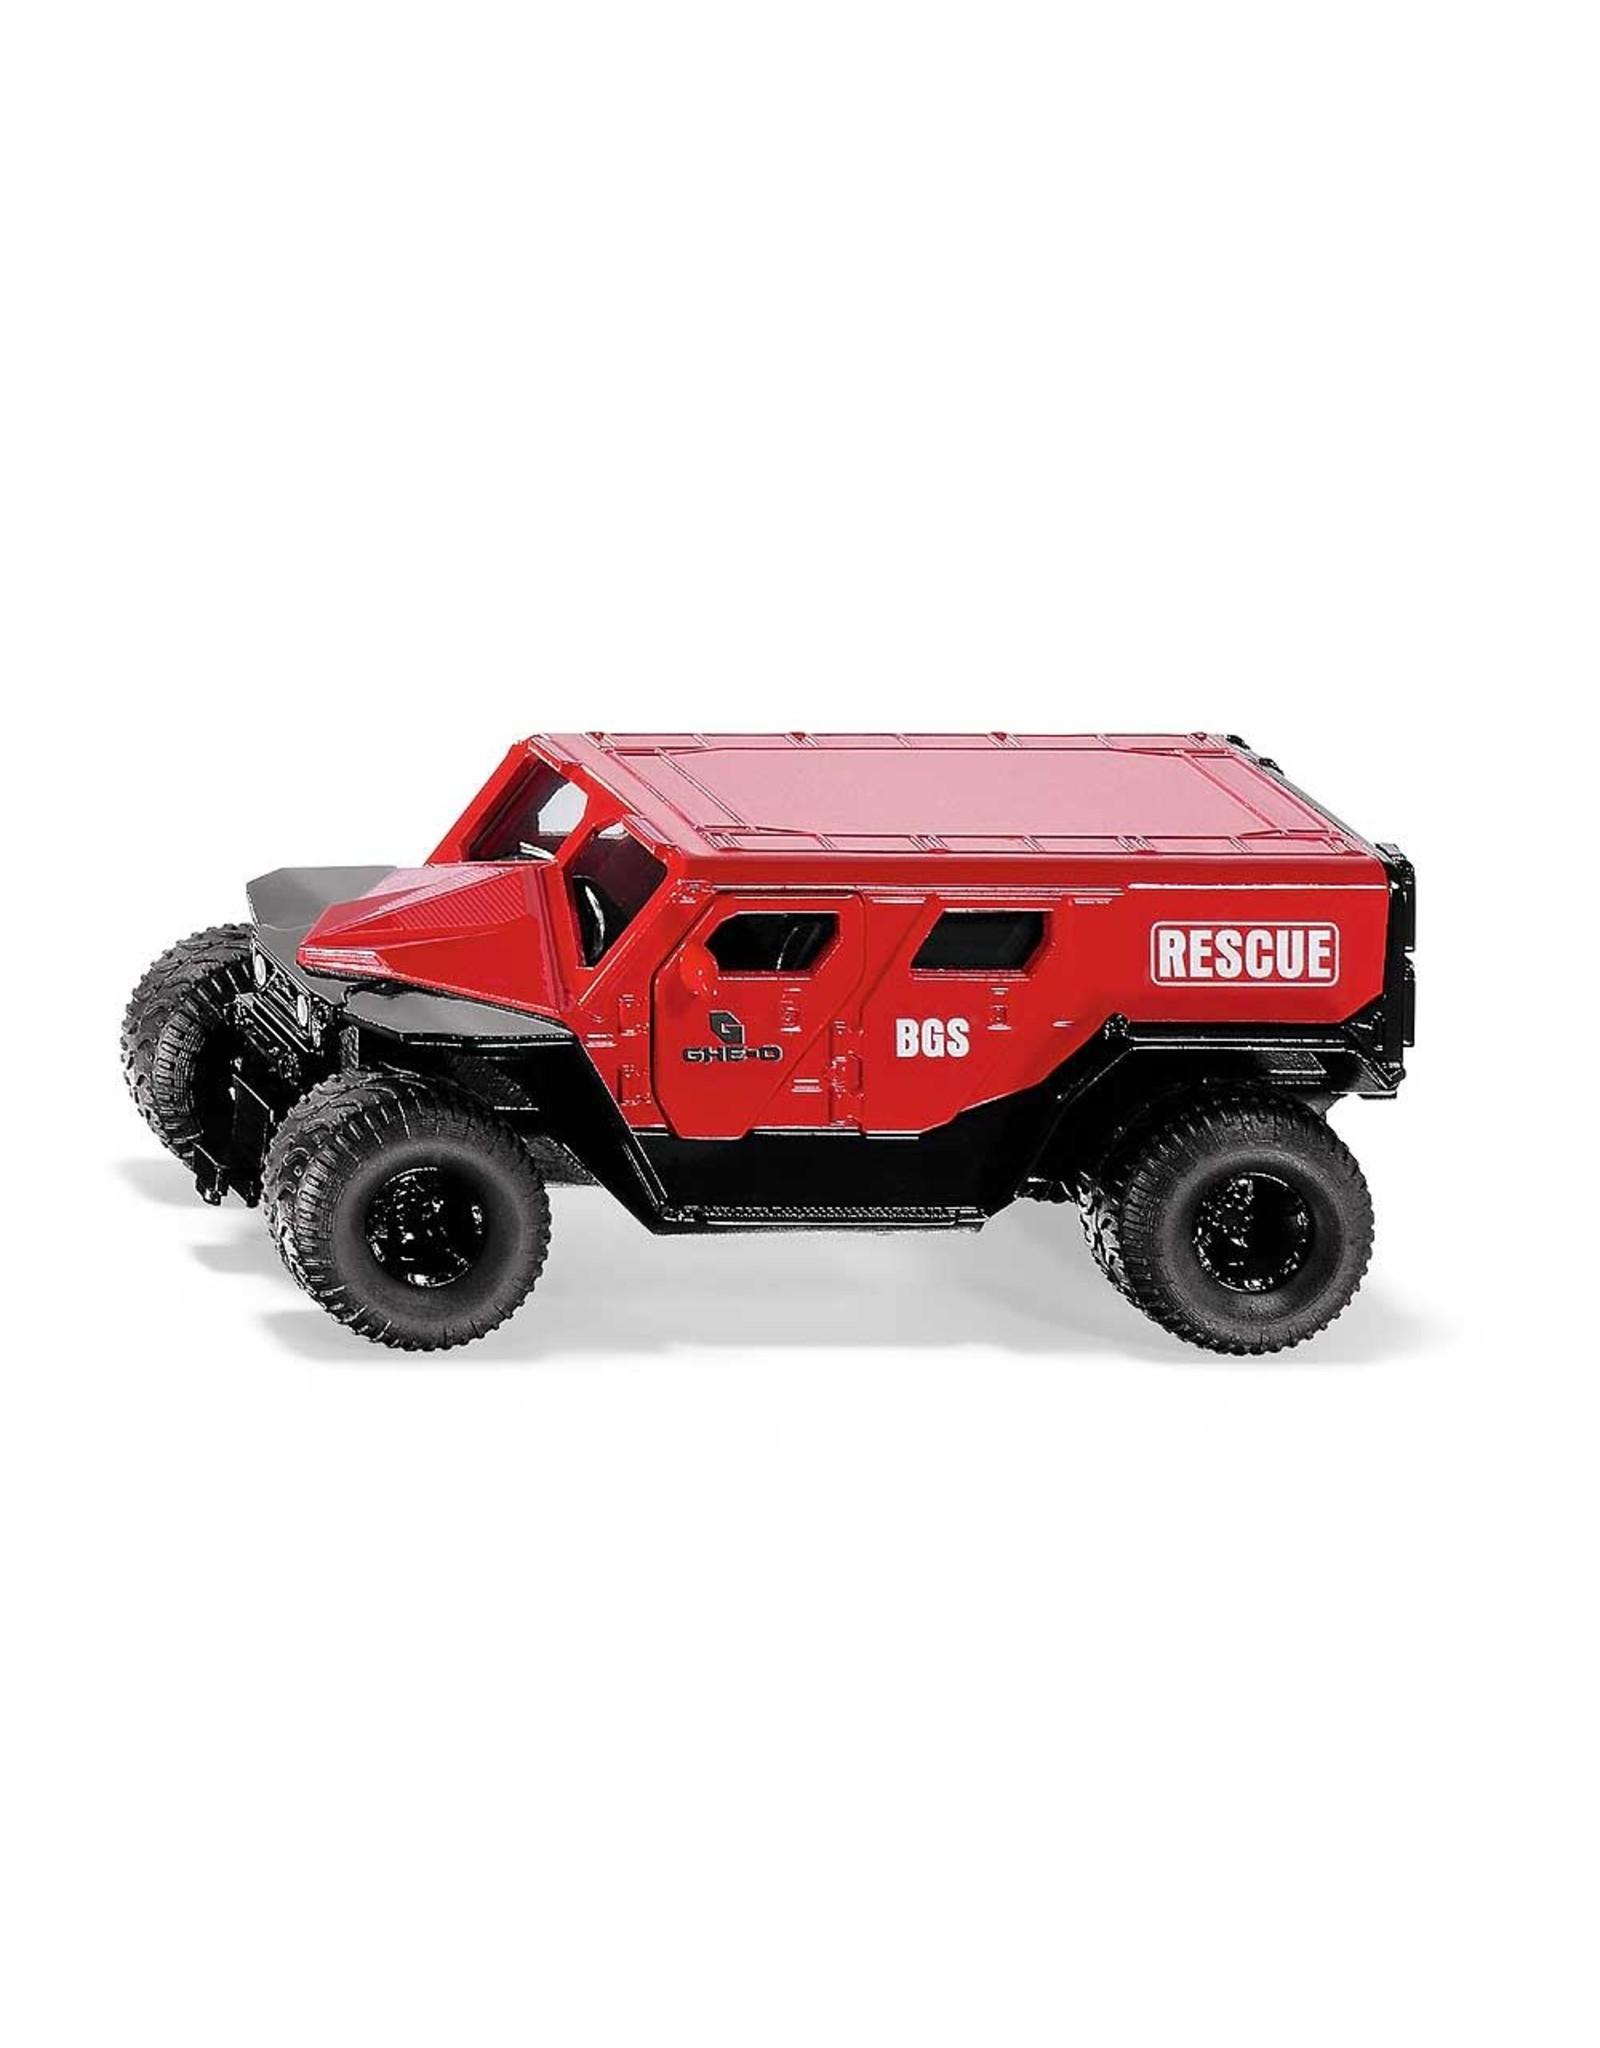 Siku Siku 2307 - 1:50 GHE-O Rescue Car